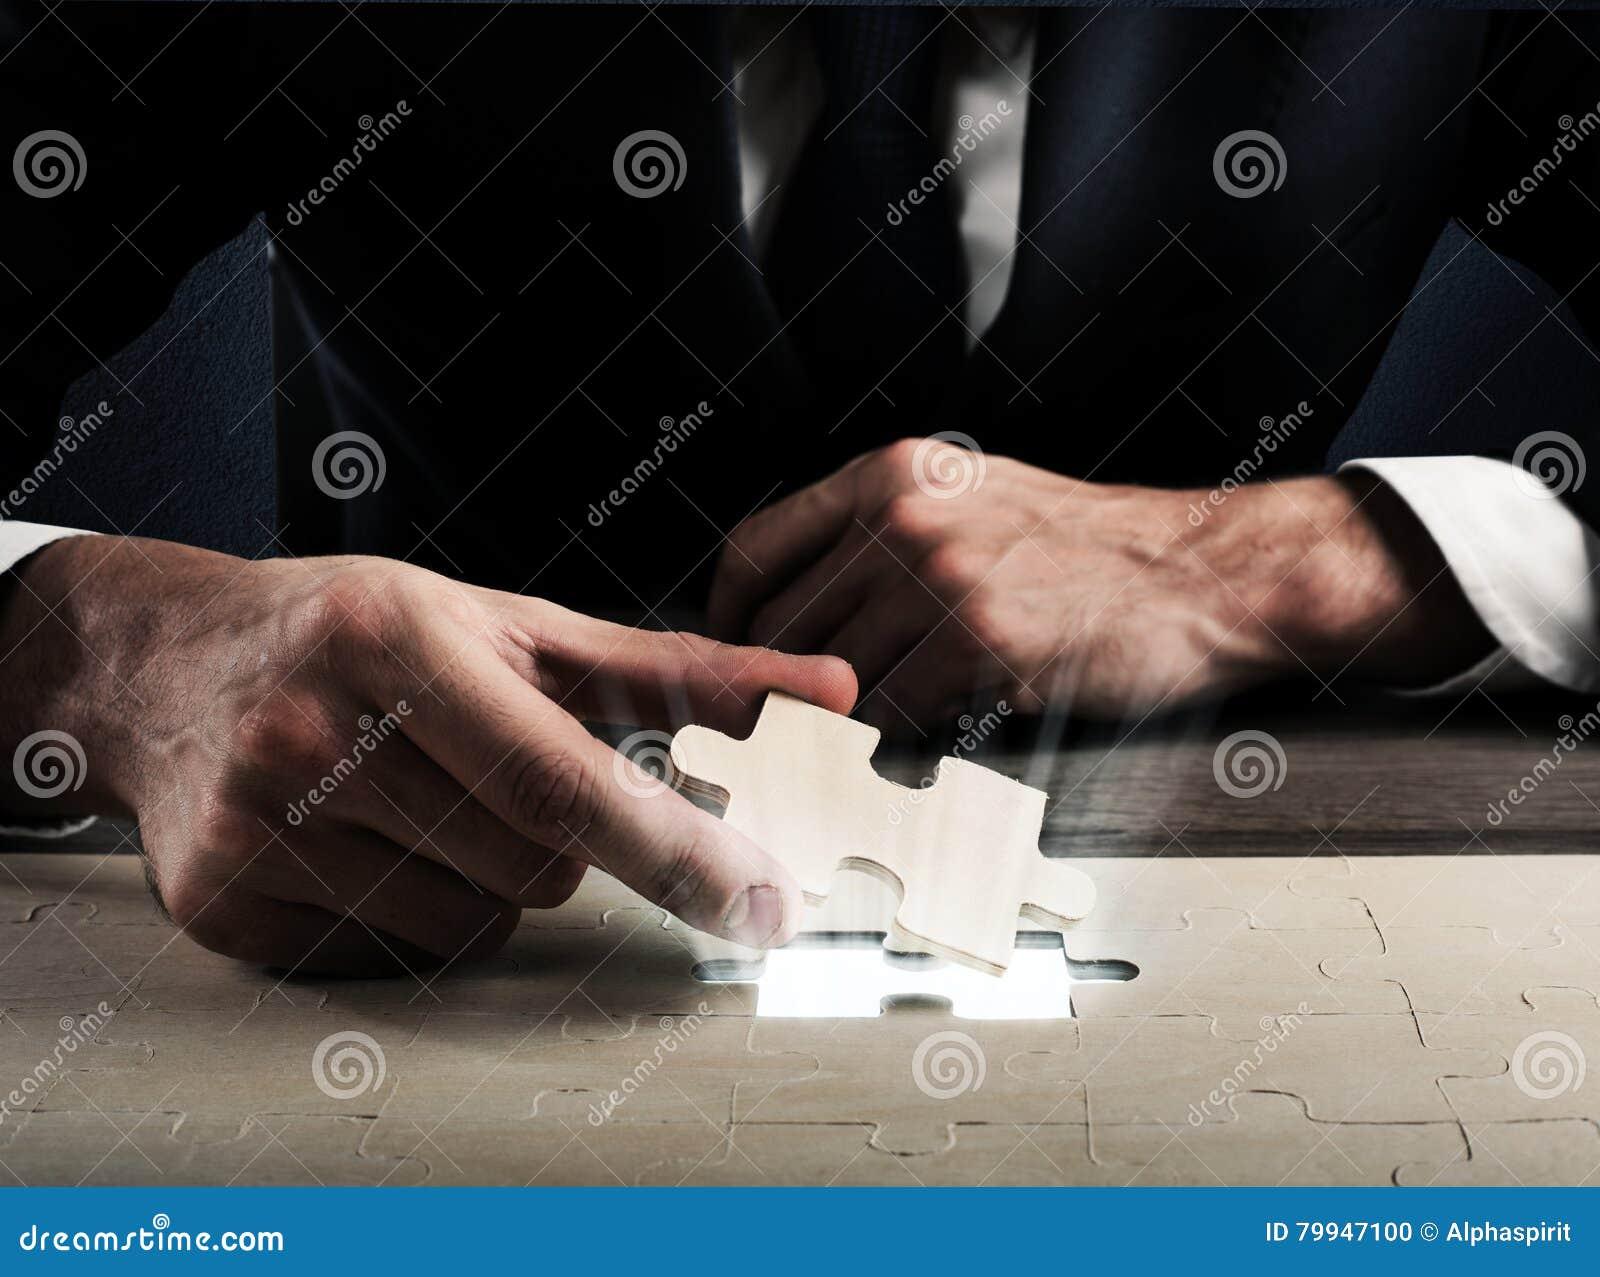 Completi un puzzle fotografia stock immagine 79947100 - Collegamento stampabile un puzzle pix ...